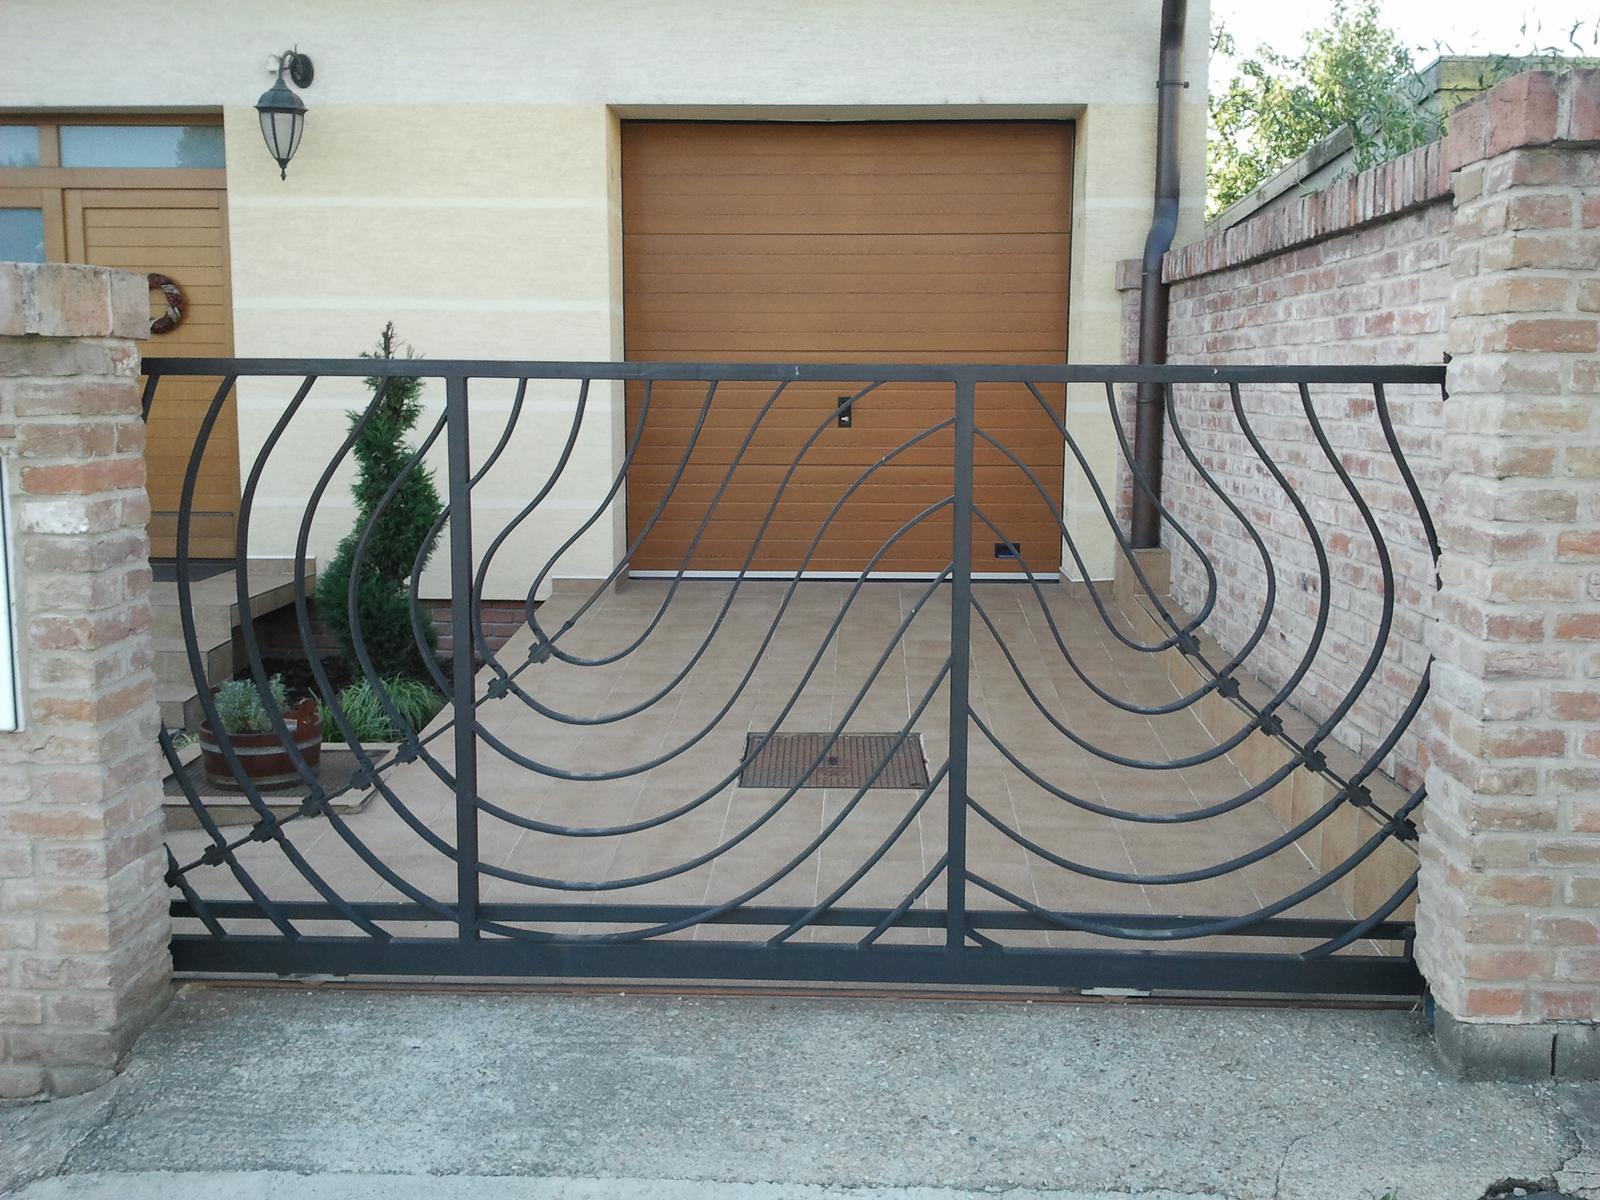 Brány, branky a ploty - Vjazdová brána, umelecké zámočníctvo